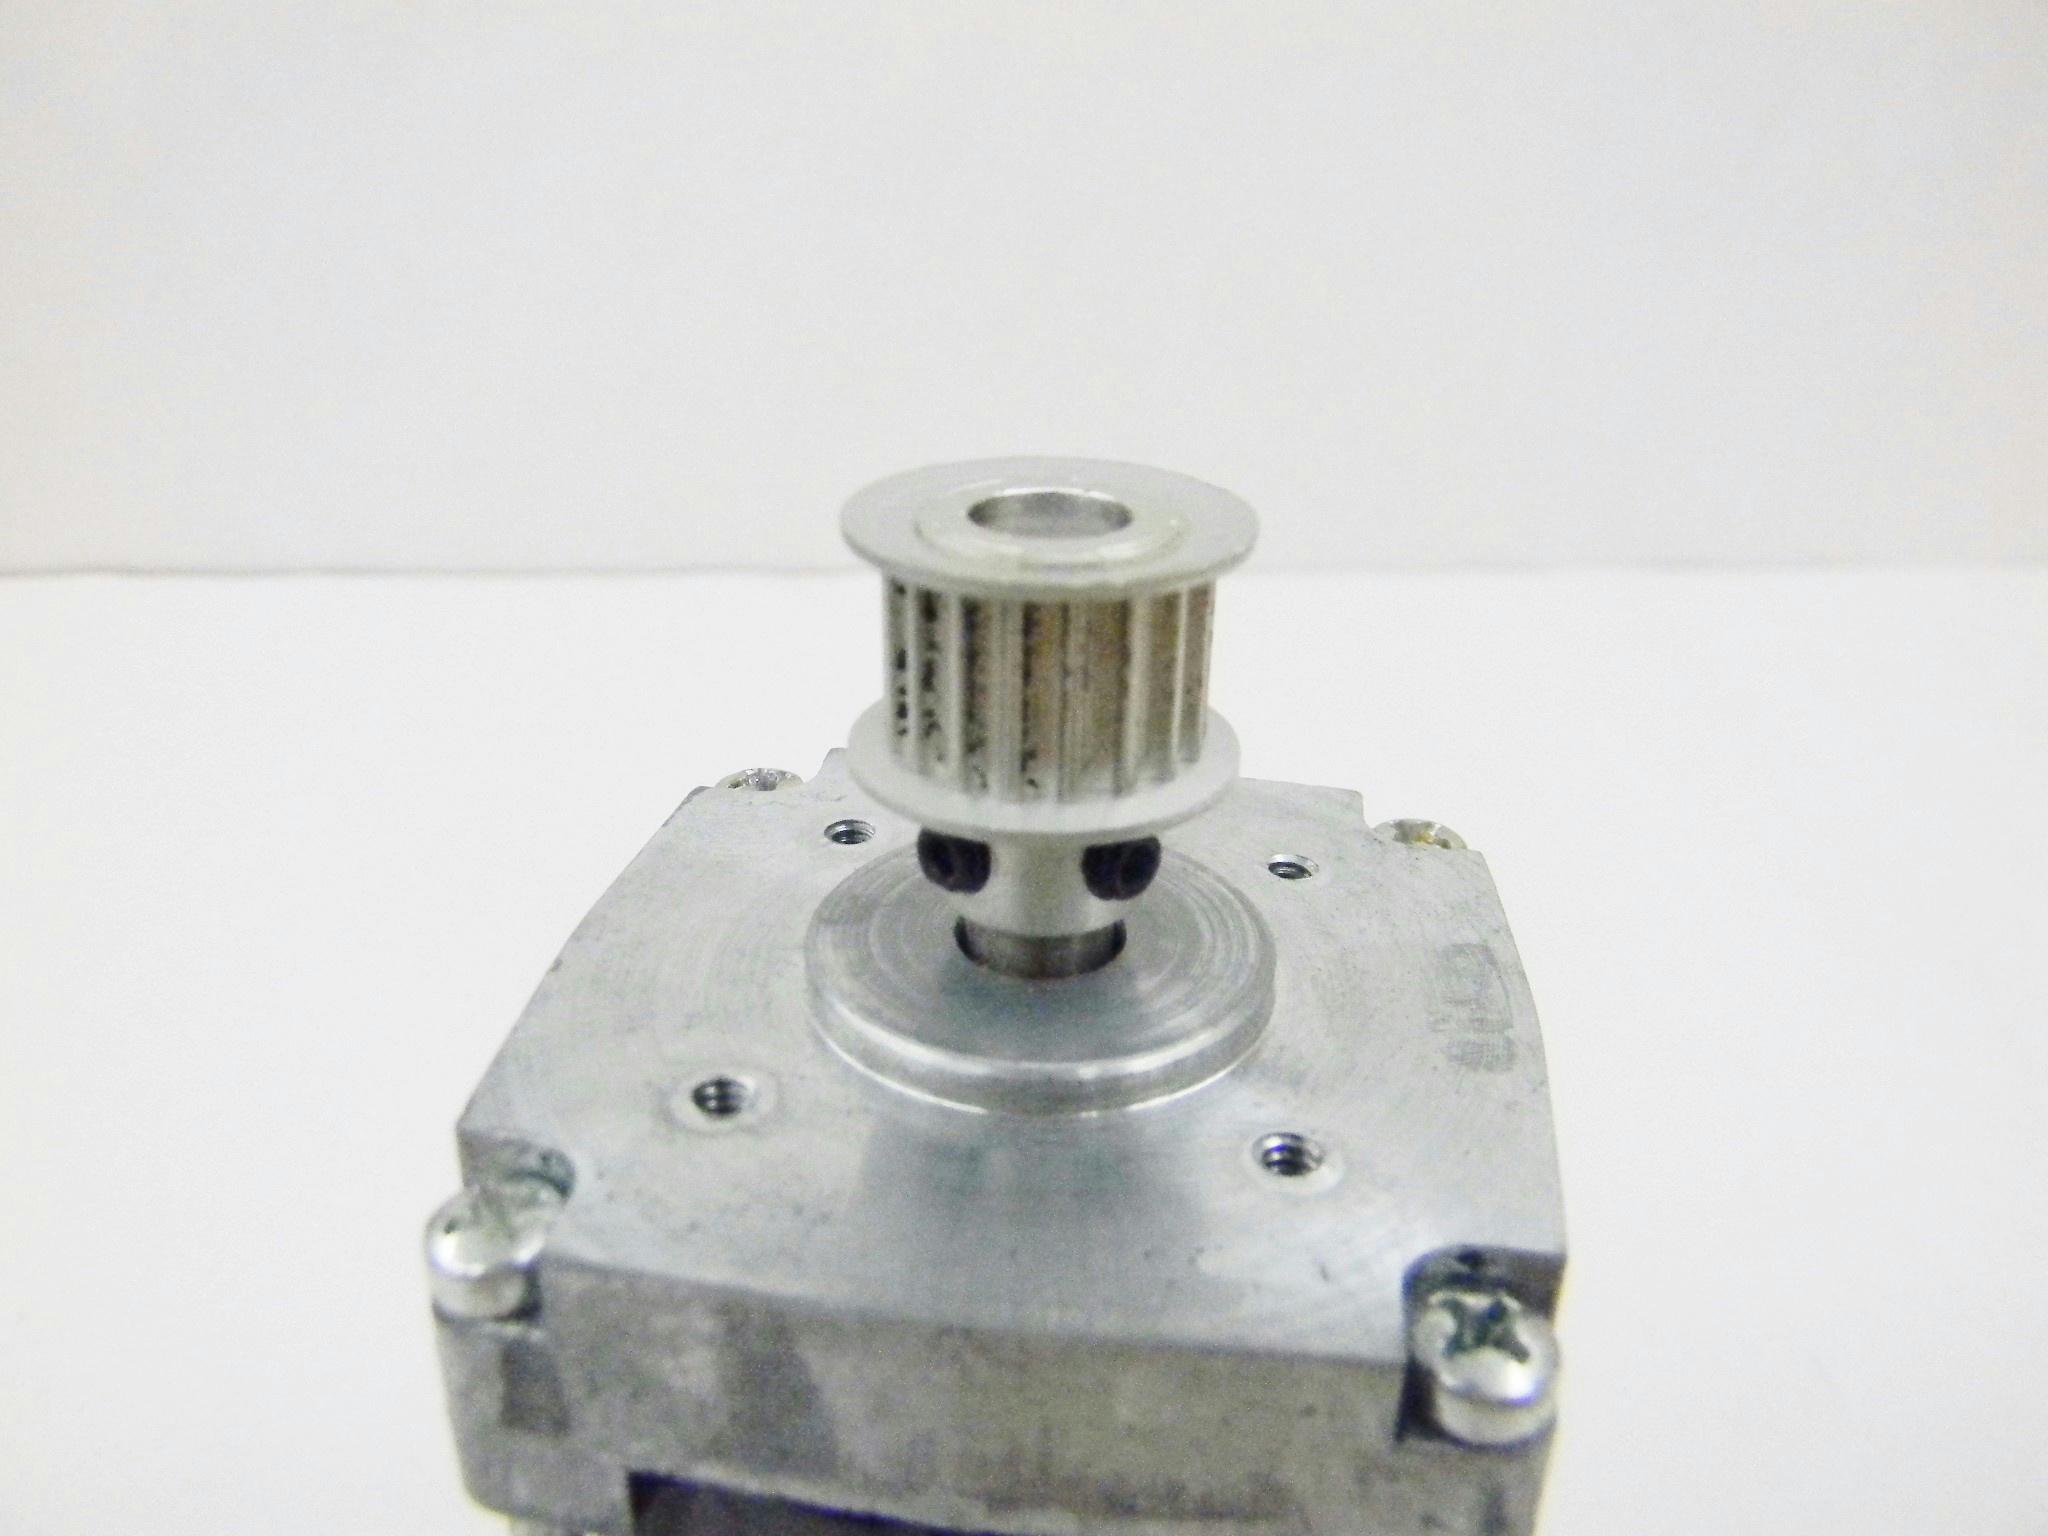 Hurst Mfg Brushless Dc Motor Enc P N4823 004 40 Vdc 2 7